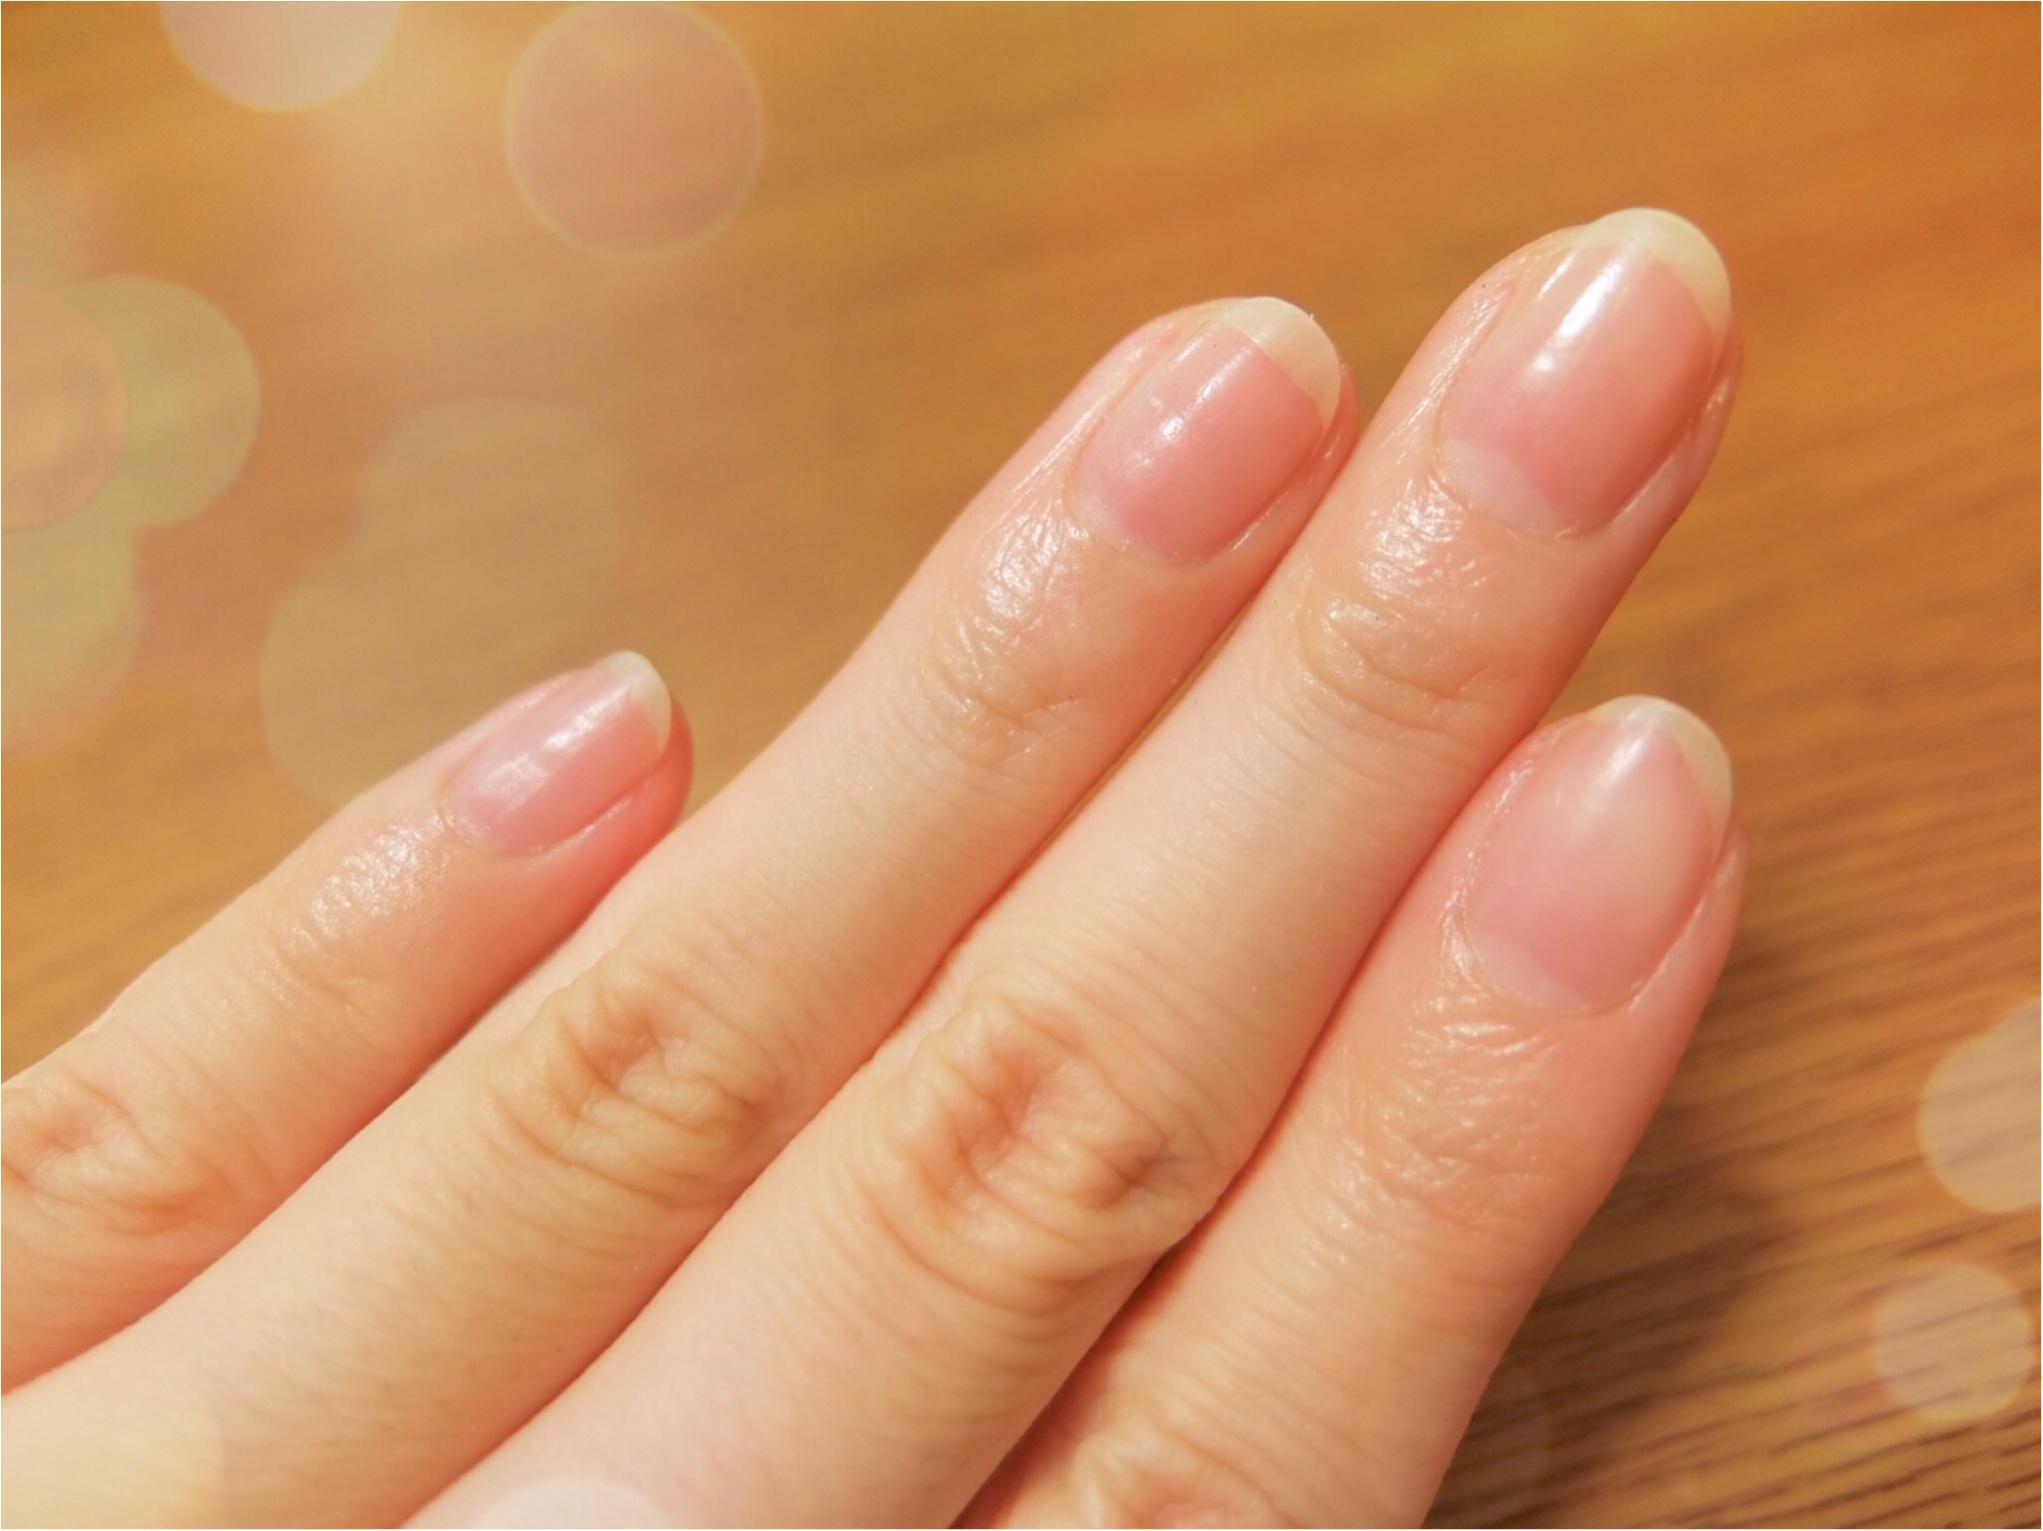 ネイル前のひと手間で指先がもっと綺麗になる!自宅でできる簡単ネイルケア方法♡_8